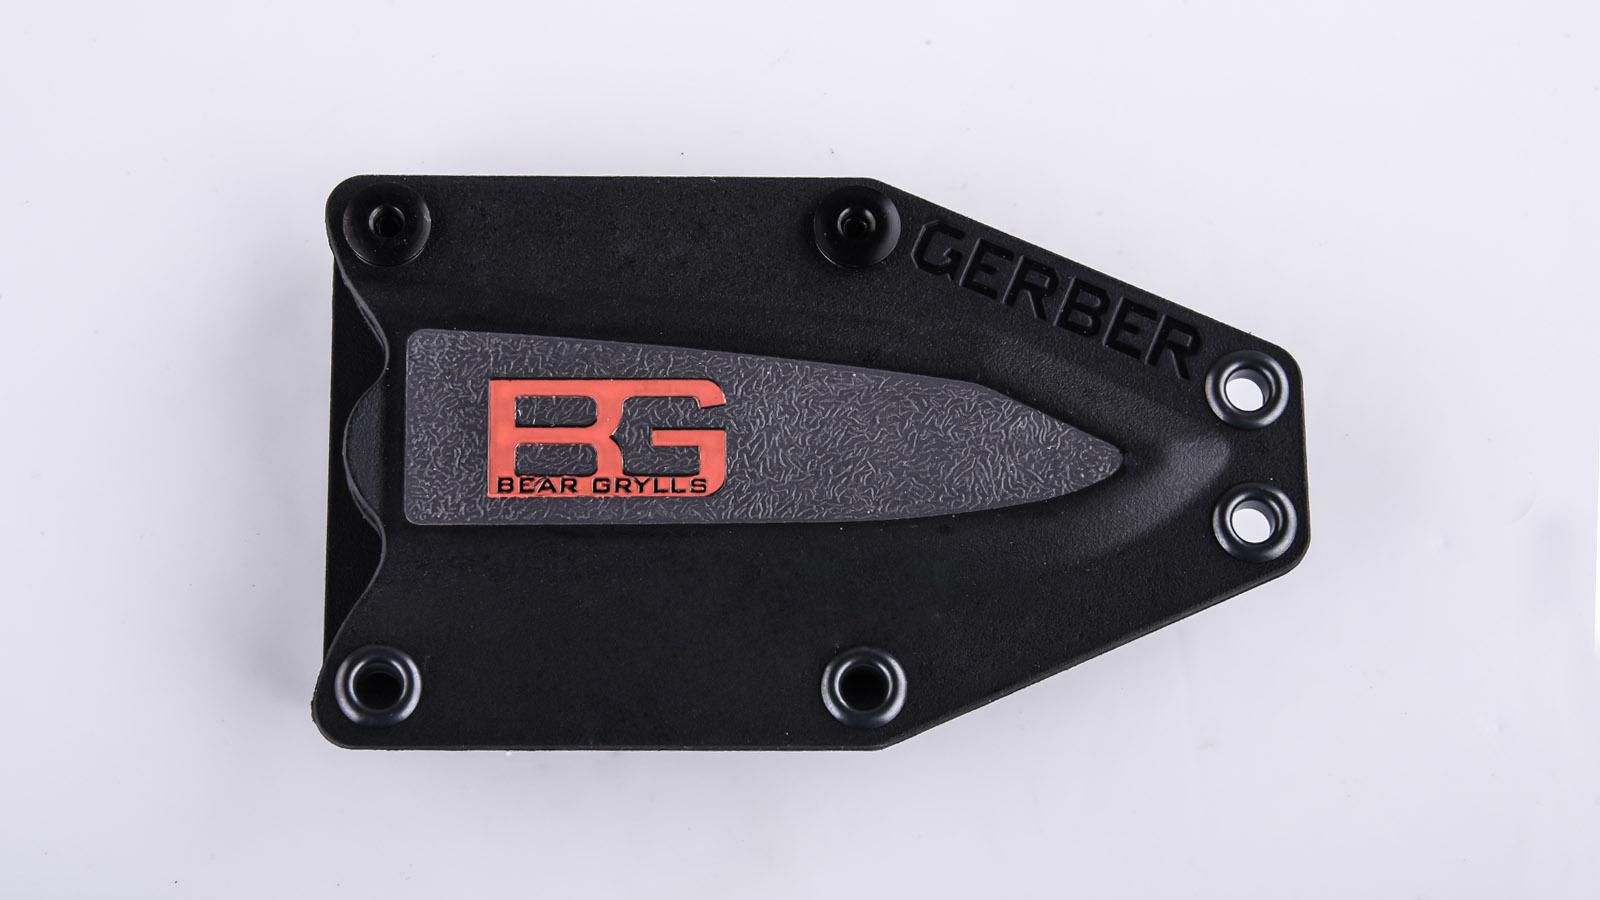 Нож Gerber Paracord Knife - компактный футляр